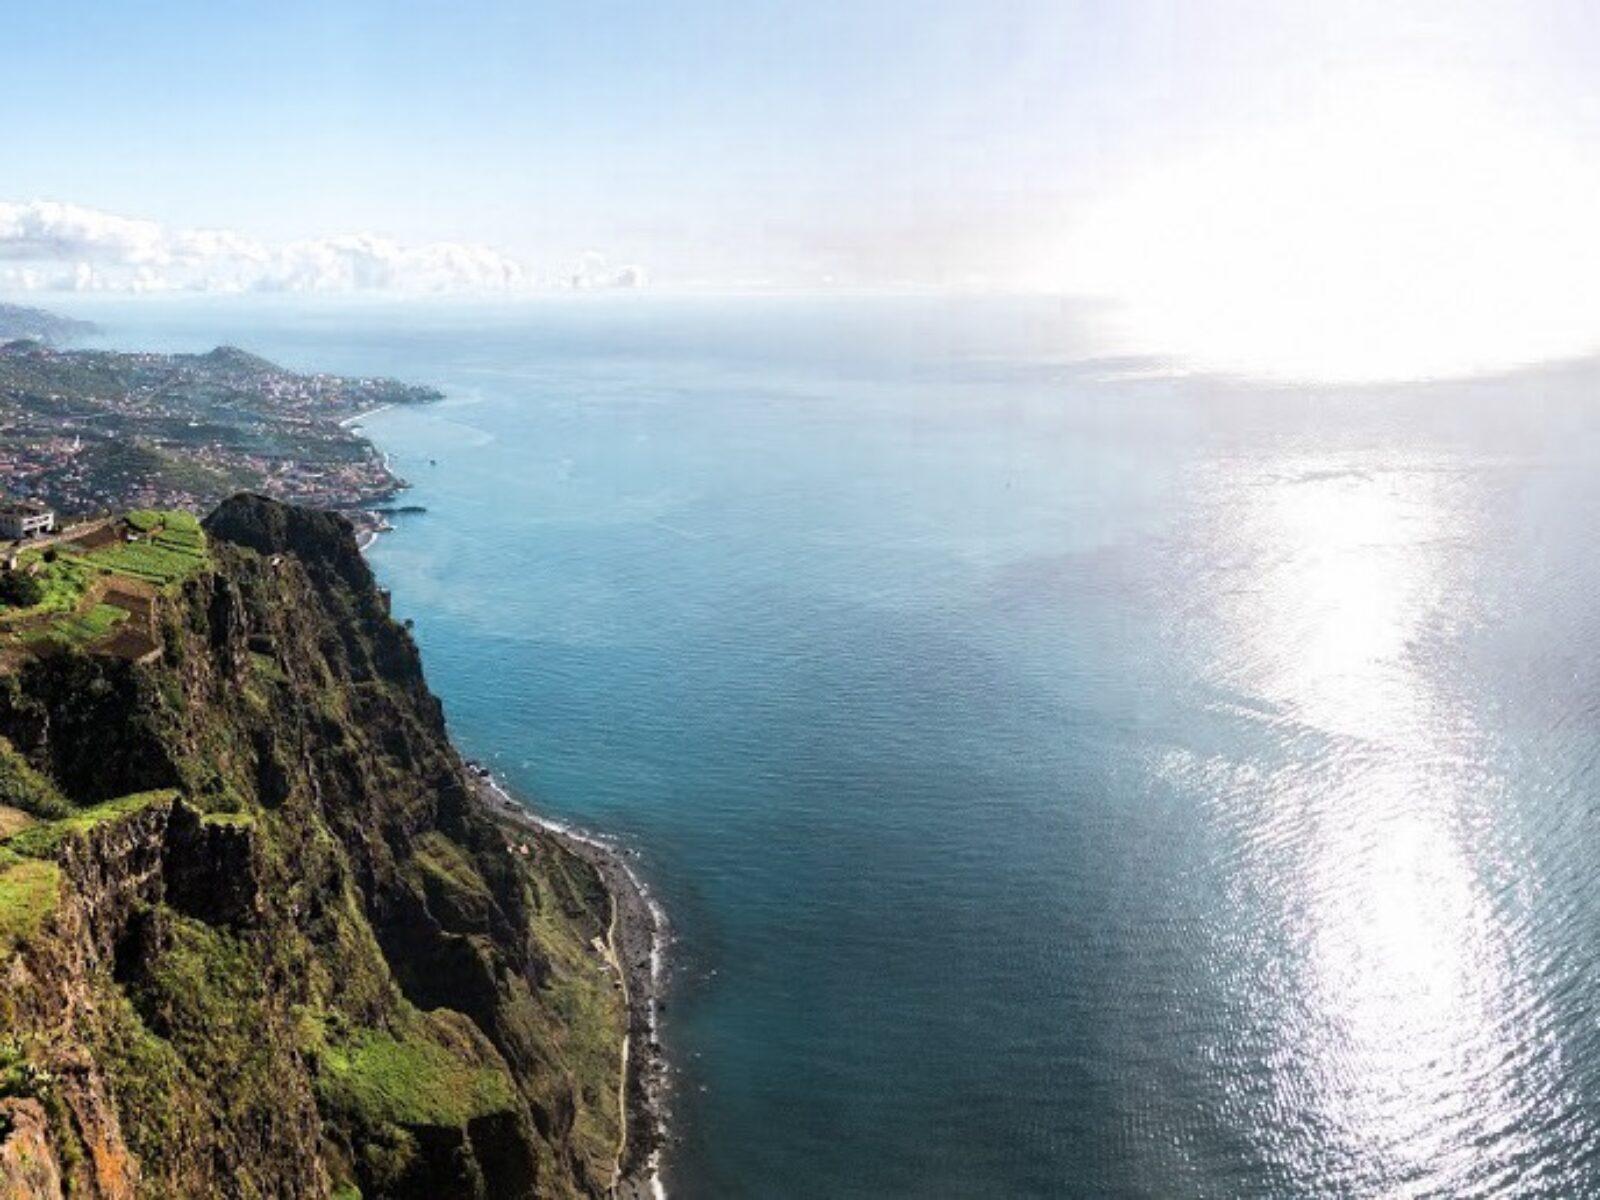 Cabo Girão, Ilha da Madeira